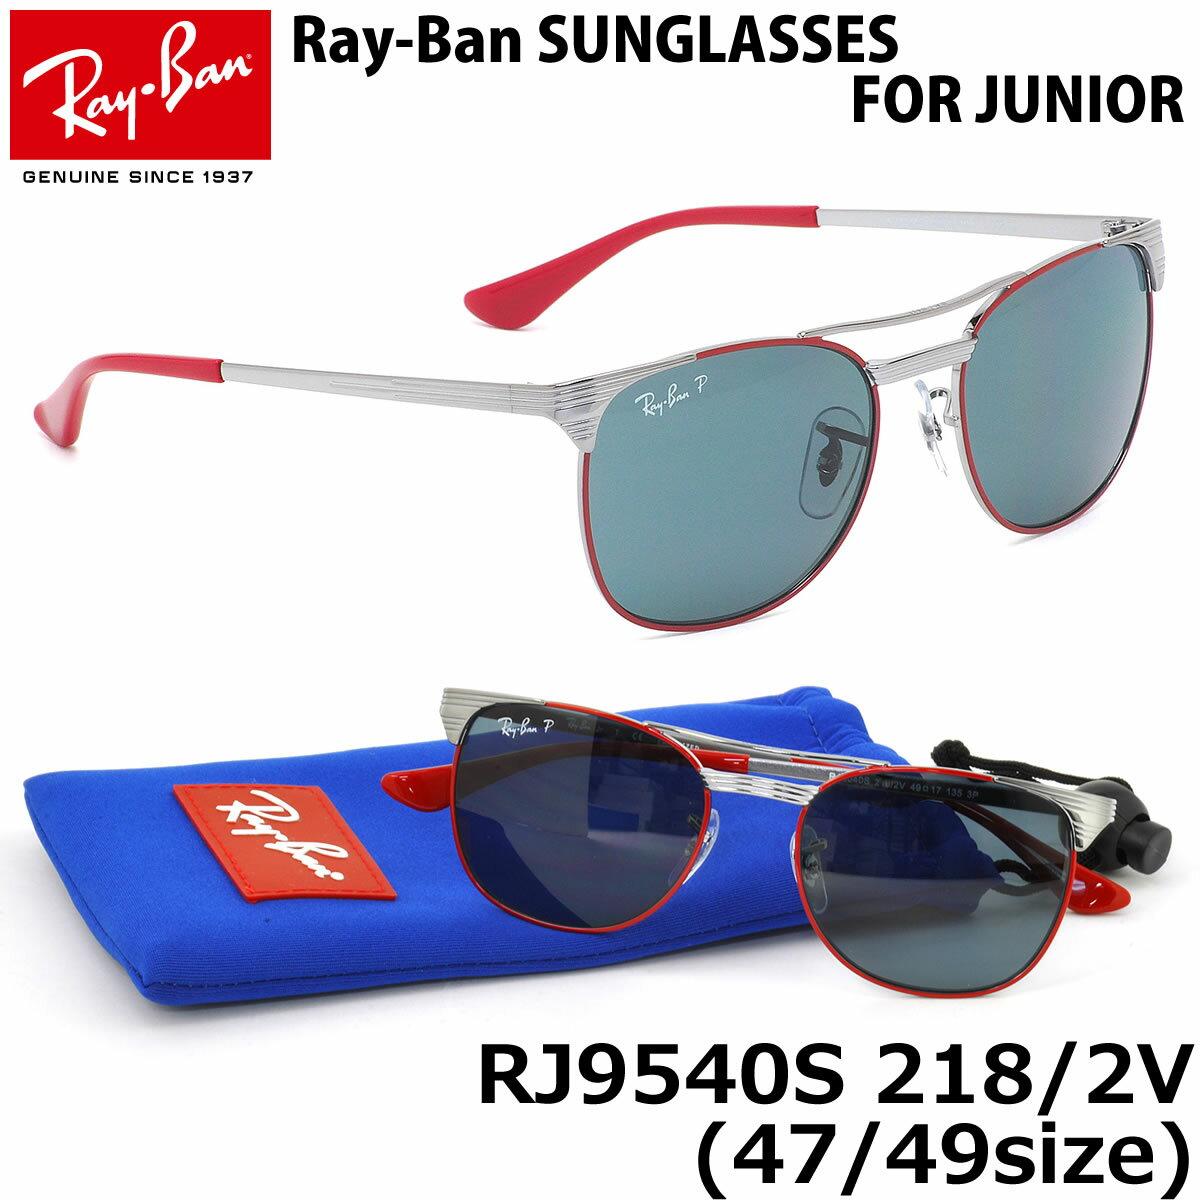 レイバン サングラス Ray-Ban RJ9540S 218/2V 47サイズ 49サイズ ジュニア シグネット SIGNET Junior 偏光レンズ キッズ 子供用 スクエア ツーブリッジ レイバン RAYBAN 子供用 キッズ用